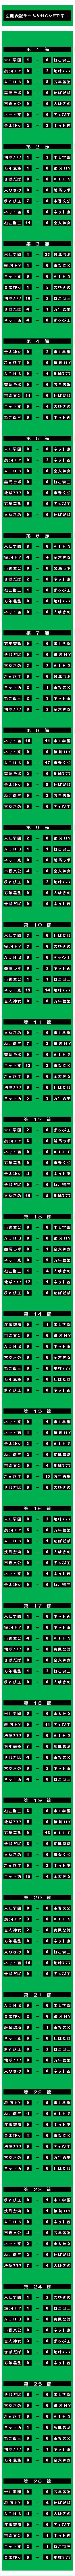 20160619・ダルマンリーグ第26節後半終了対戦相手組み合わせ表.jpg